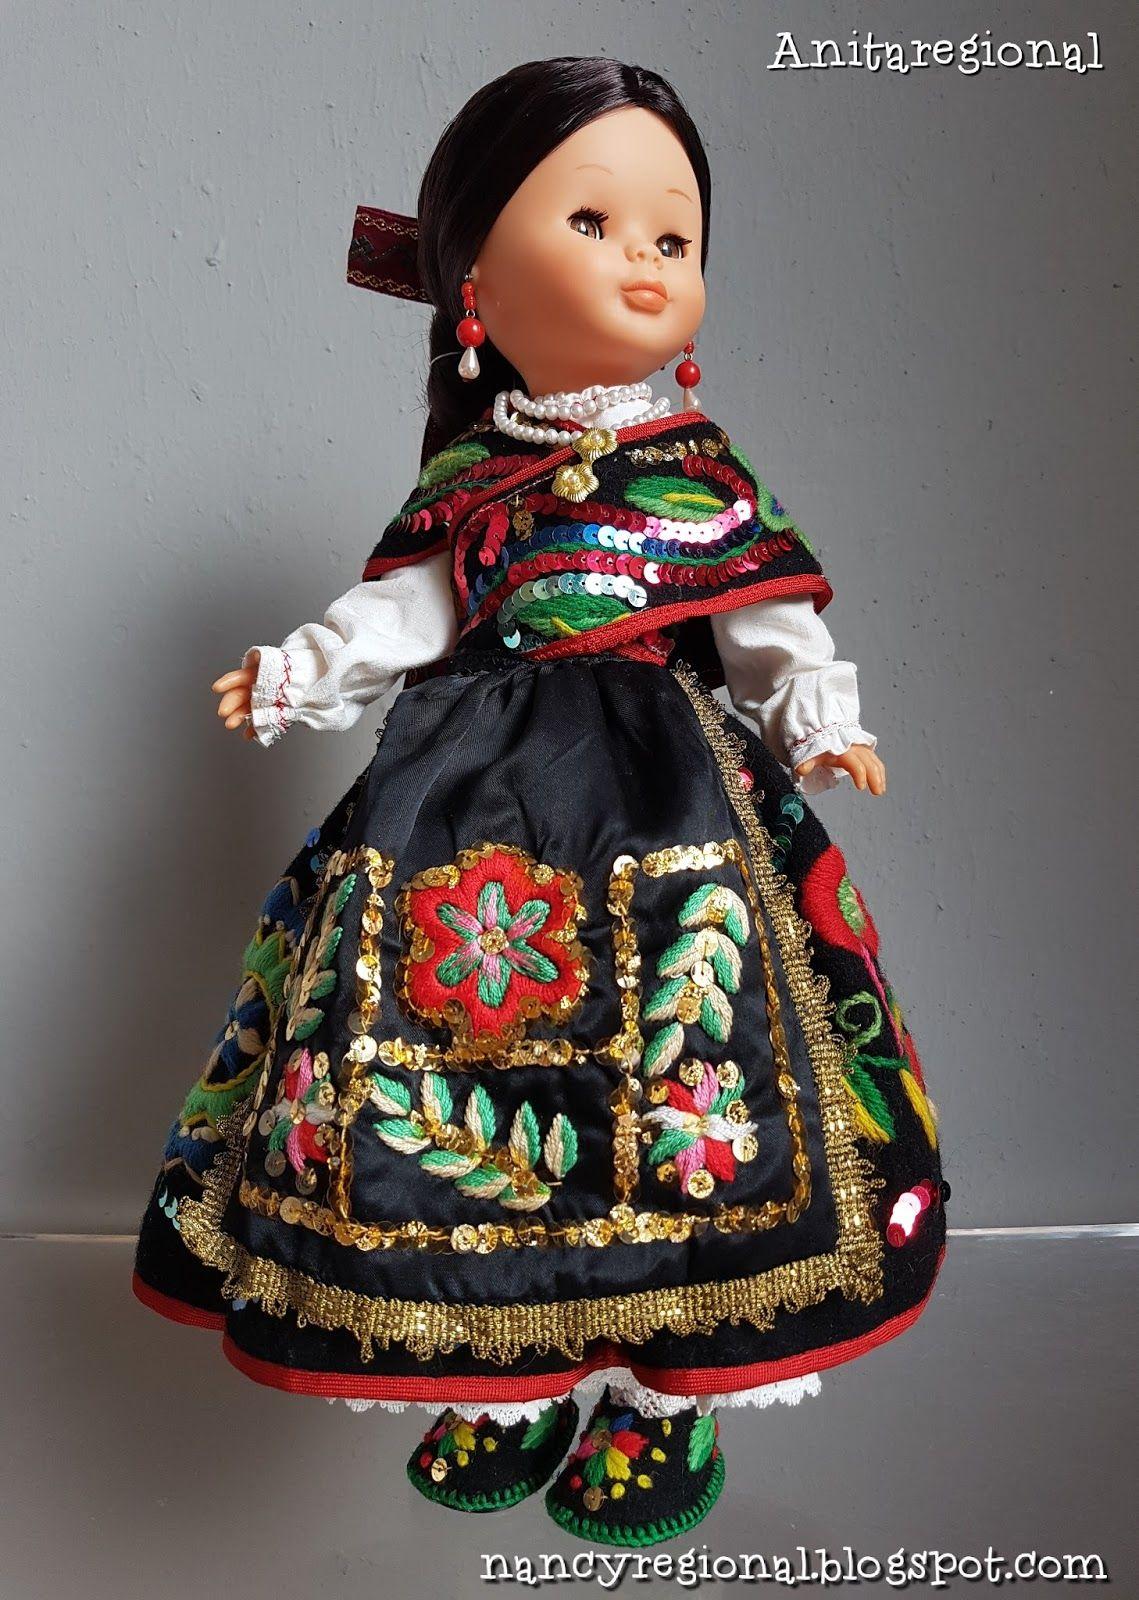 Nancy Carbajalina Traje Regional Vestido De Barbie Nancy Muñeca